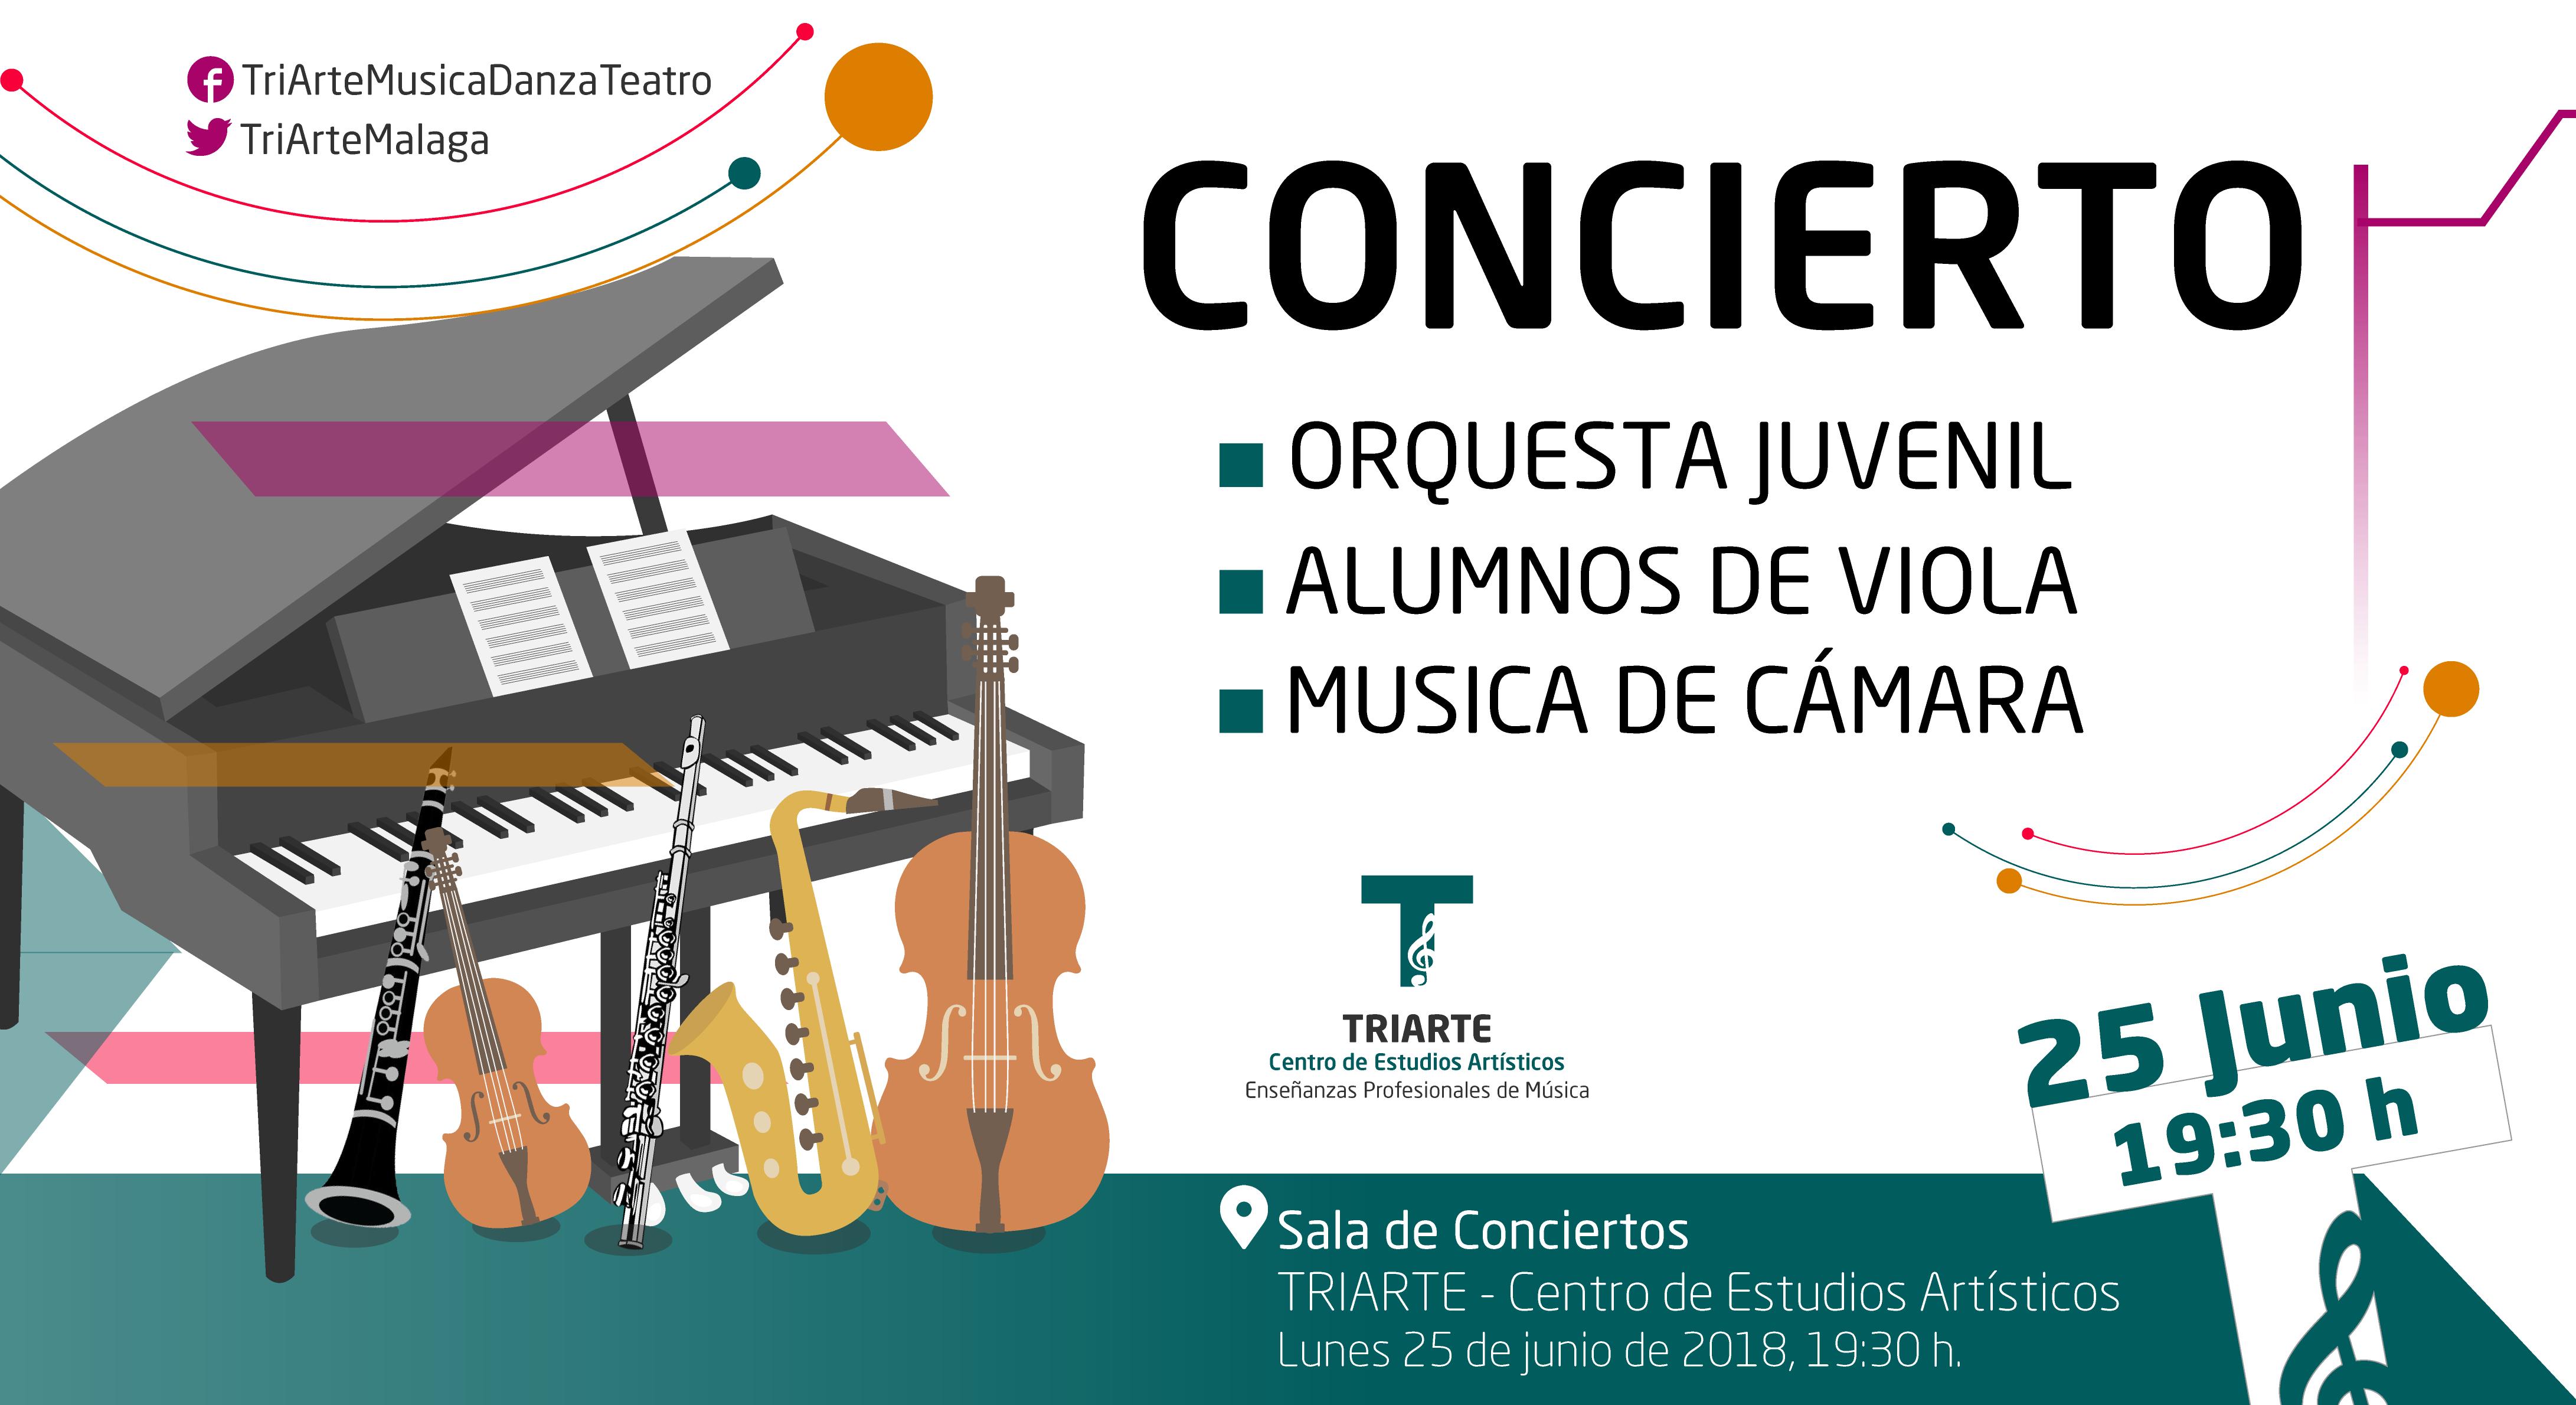 Concierto de Alumnos de Viola, Orquesta Juvenil y Música de Cámara. Triarte, Málaga 2018